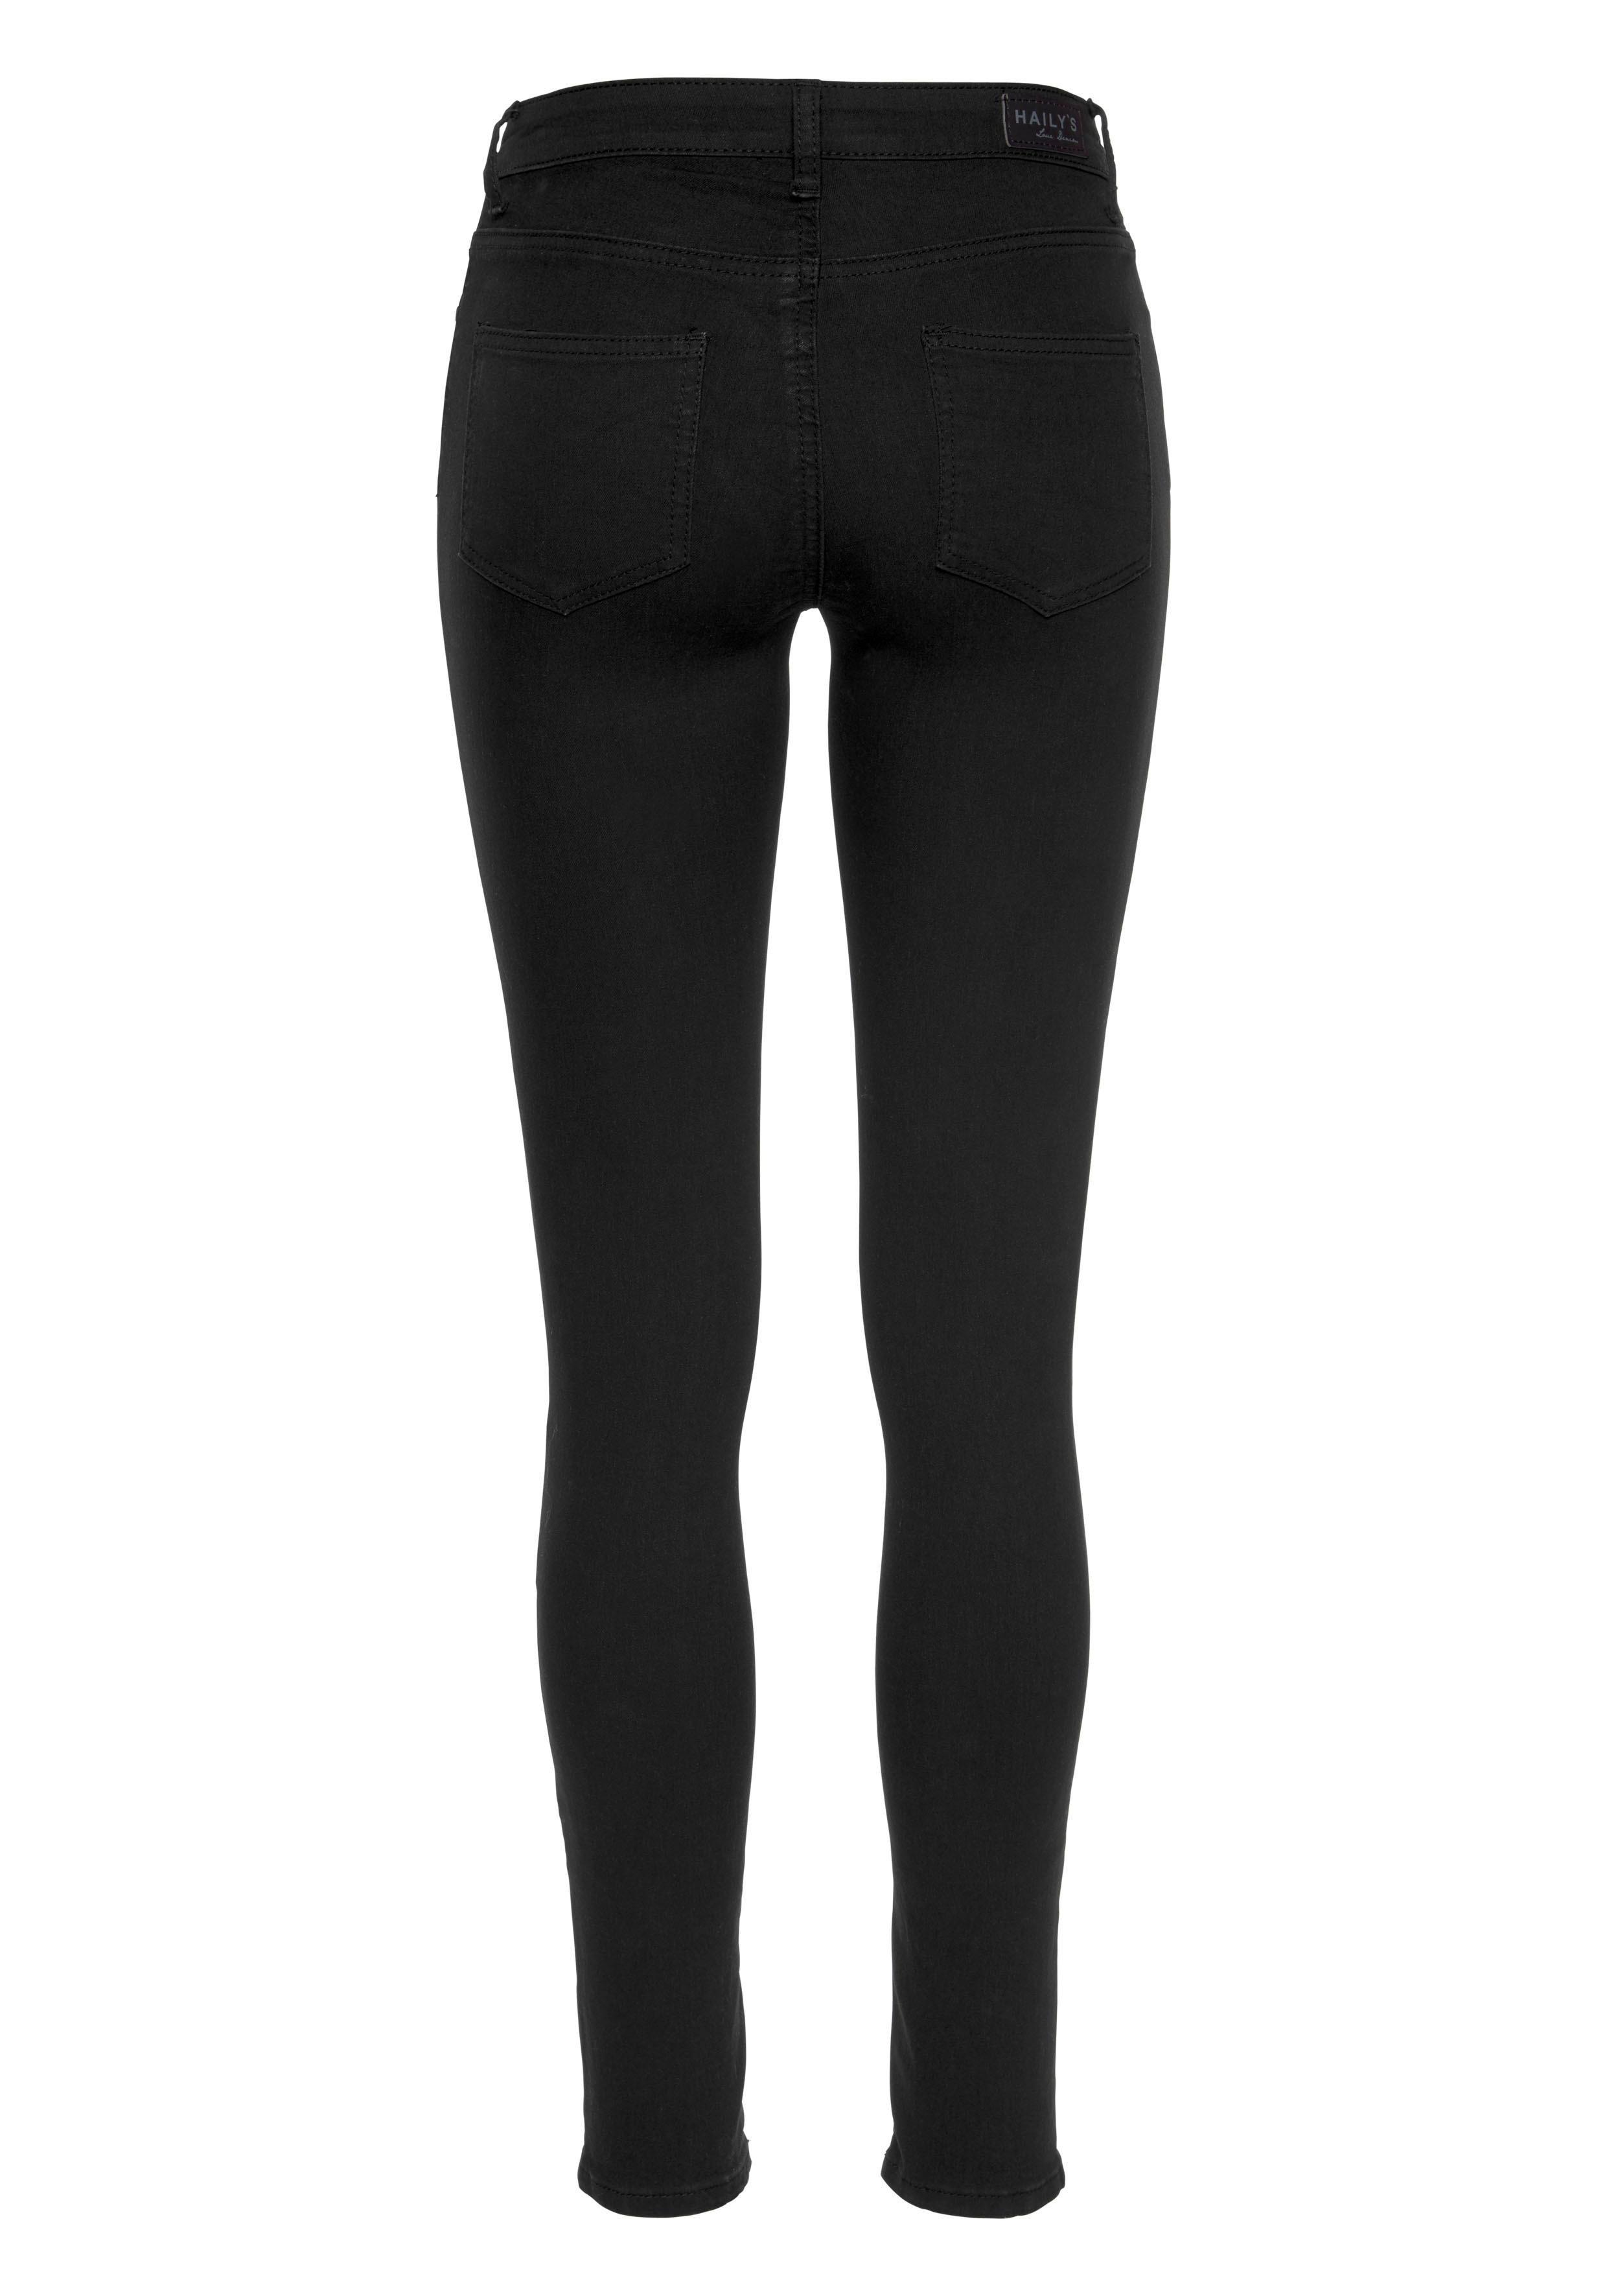 Jeanssarah Shoppen Online Skinny Haily's Fit TFc1lKJ